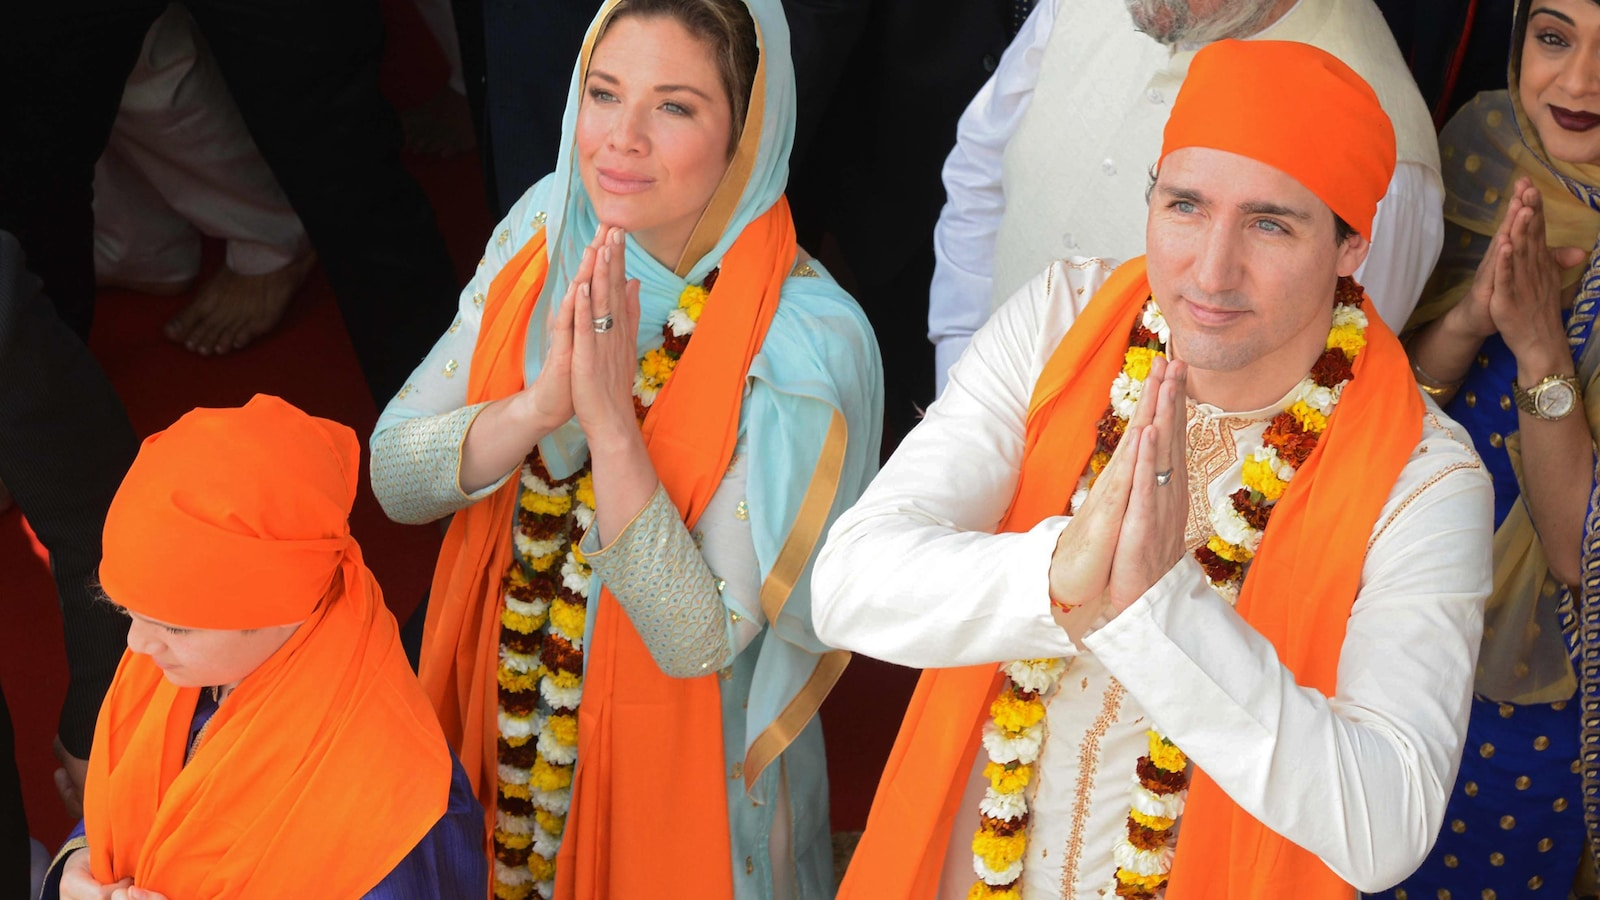 Sophie Grégoire et Justin Trudeau portent des costumes traditionnels indiens.